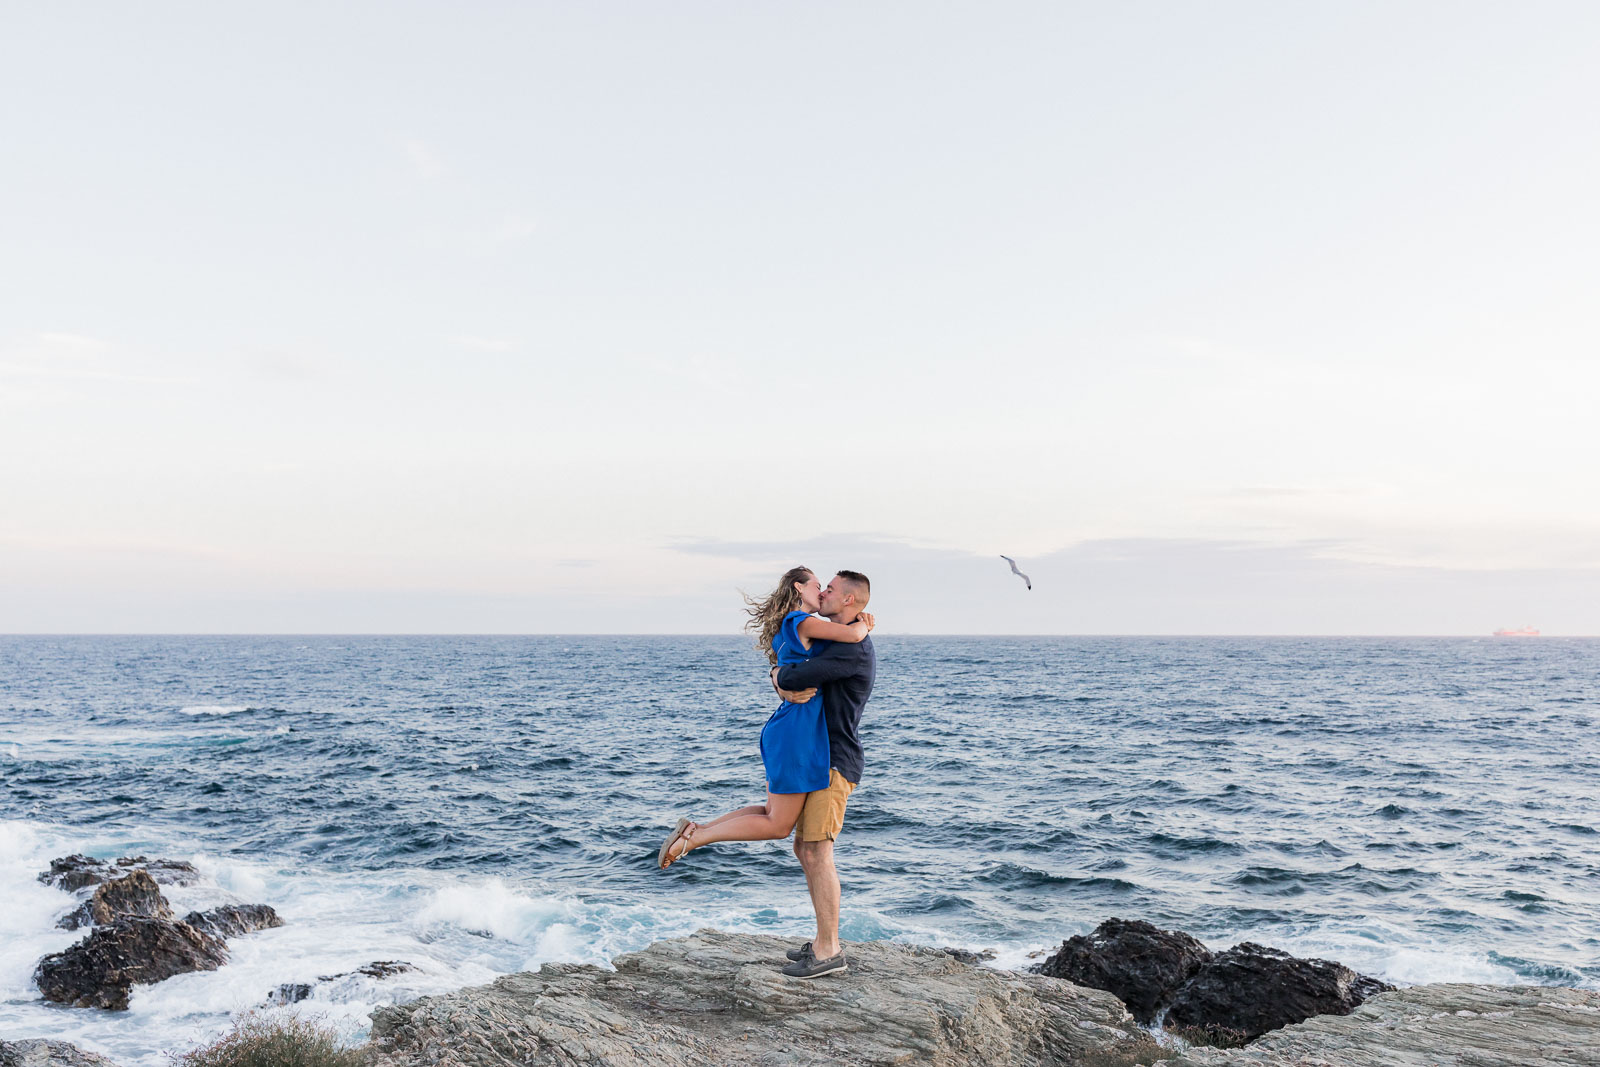 Photographie de Mathieu Dété, photographe de shooting couple à la Réunion 974, présentant un couple heureux marchant en bord de mer sur les côtes rocheuses de Saint Benoît